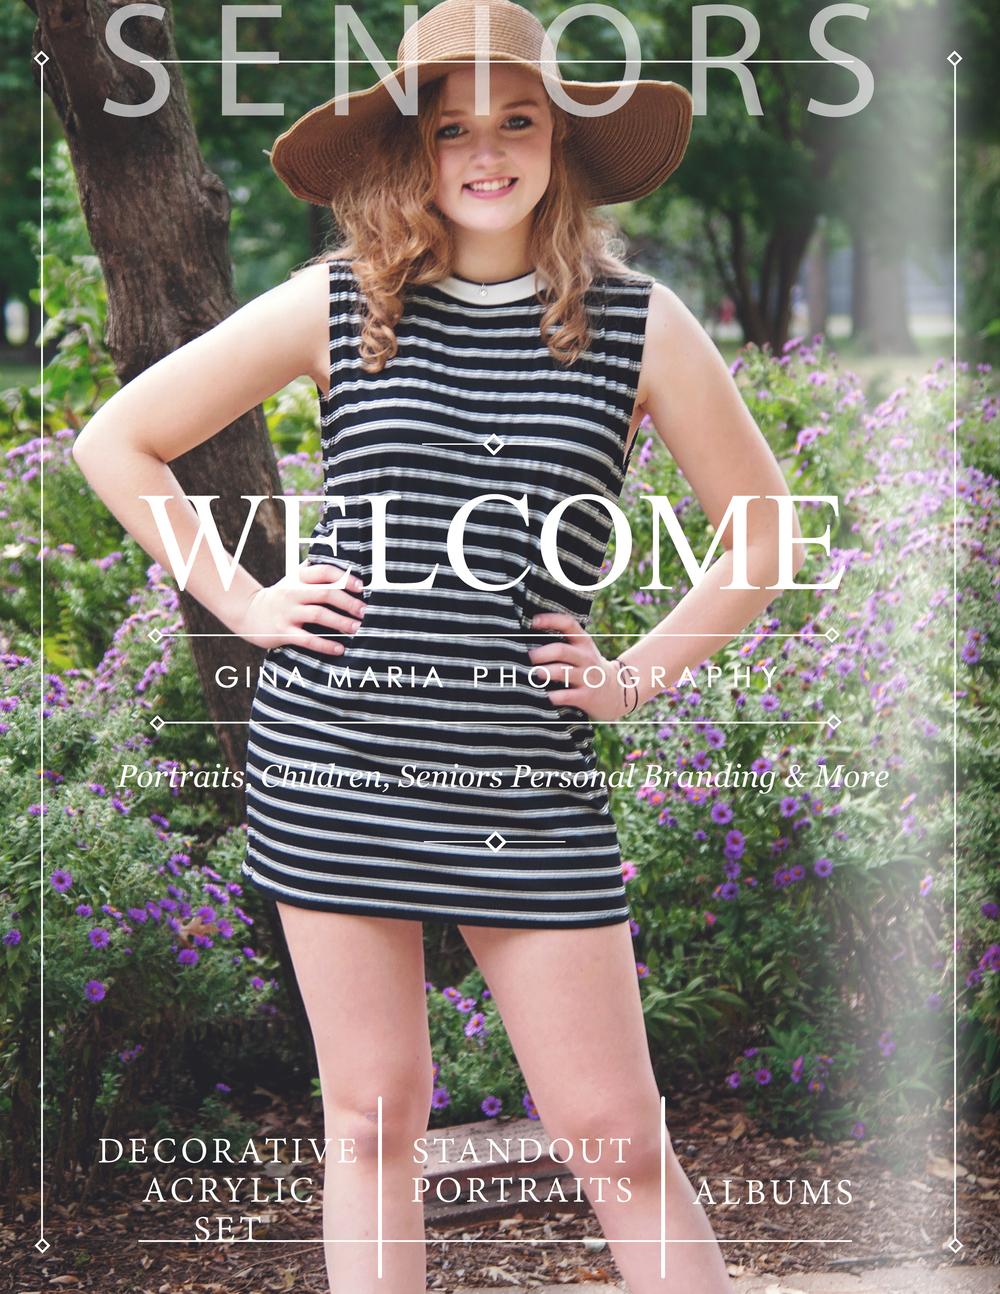 cover photo: Olivia